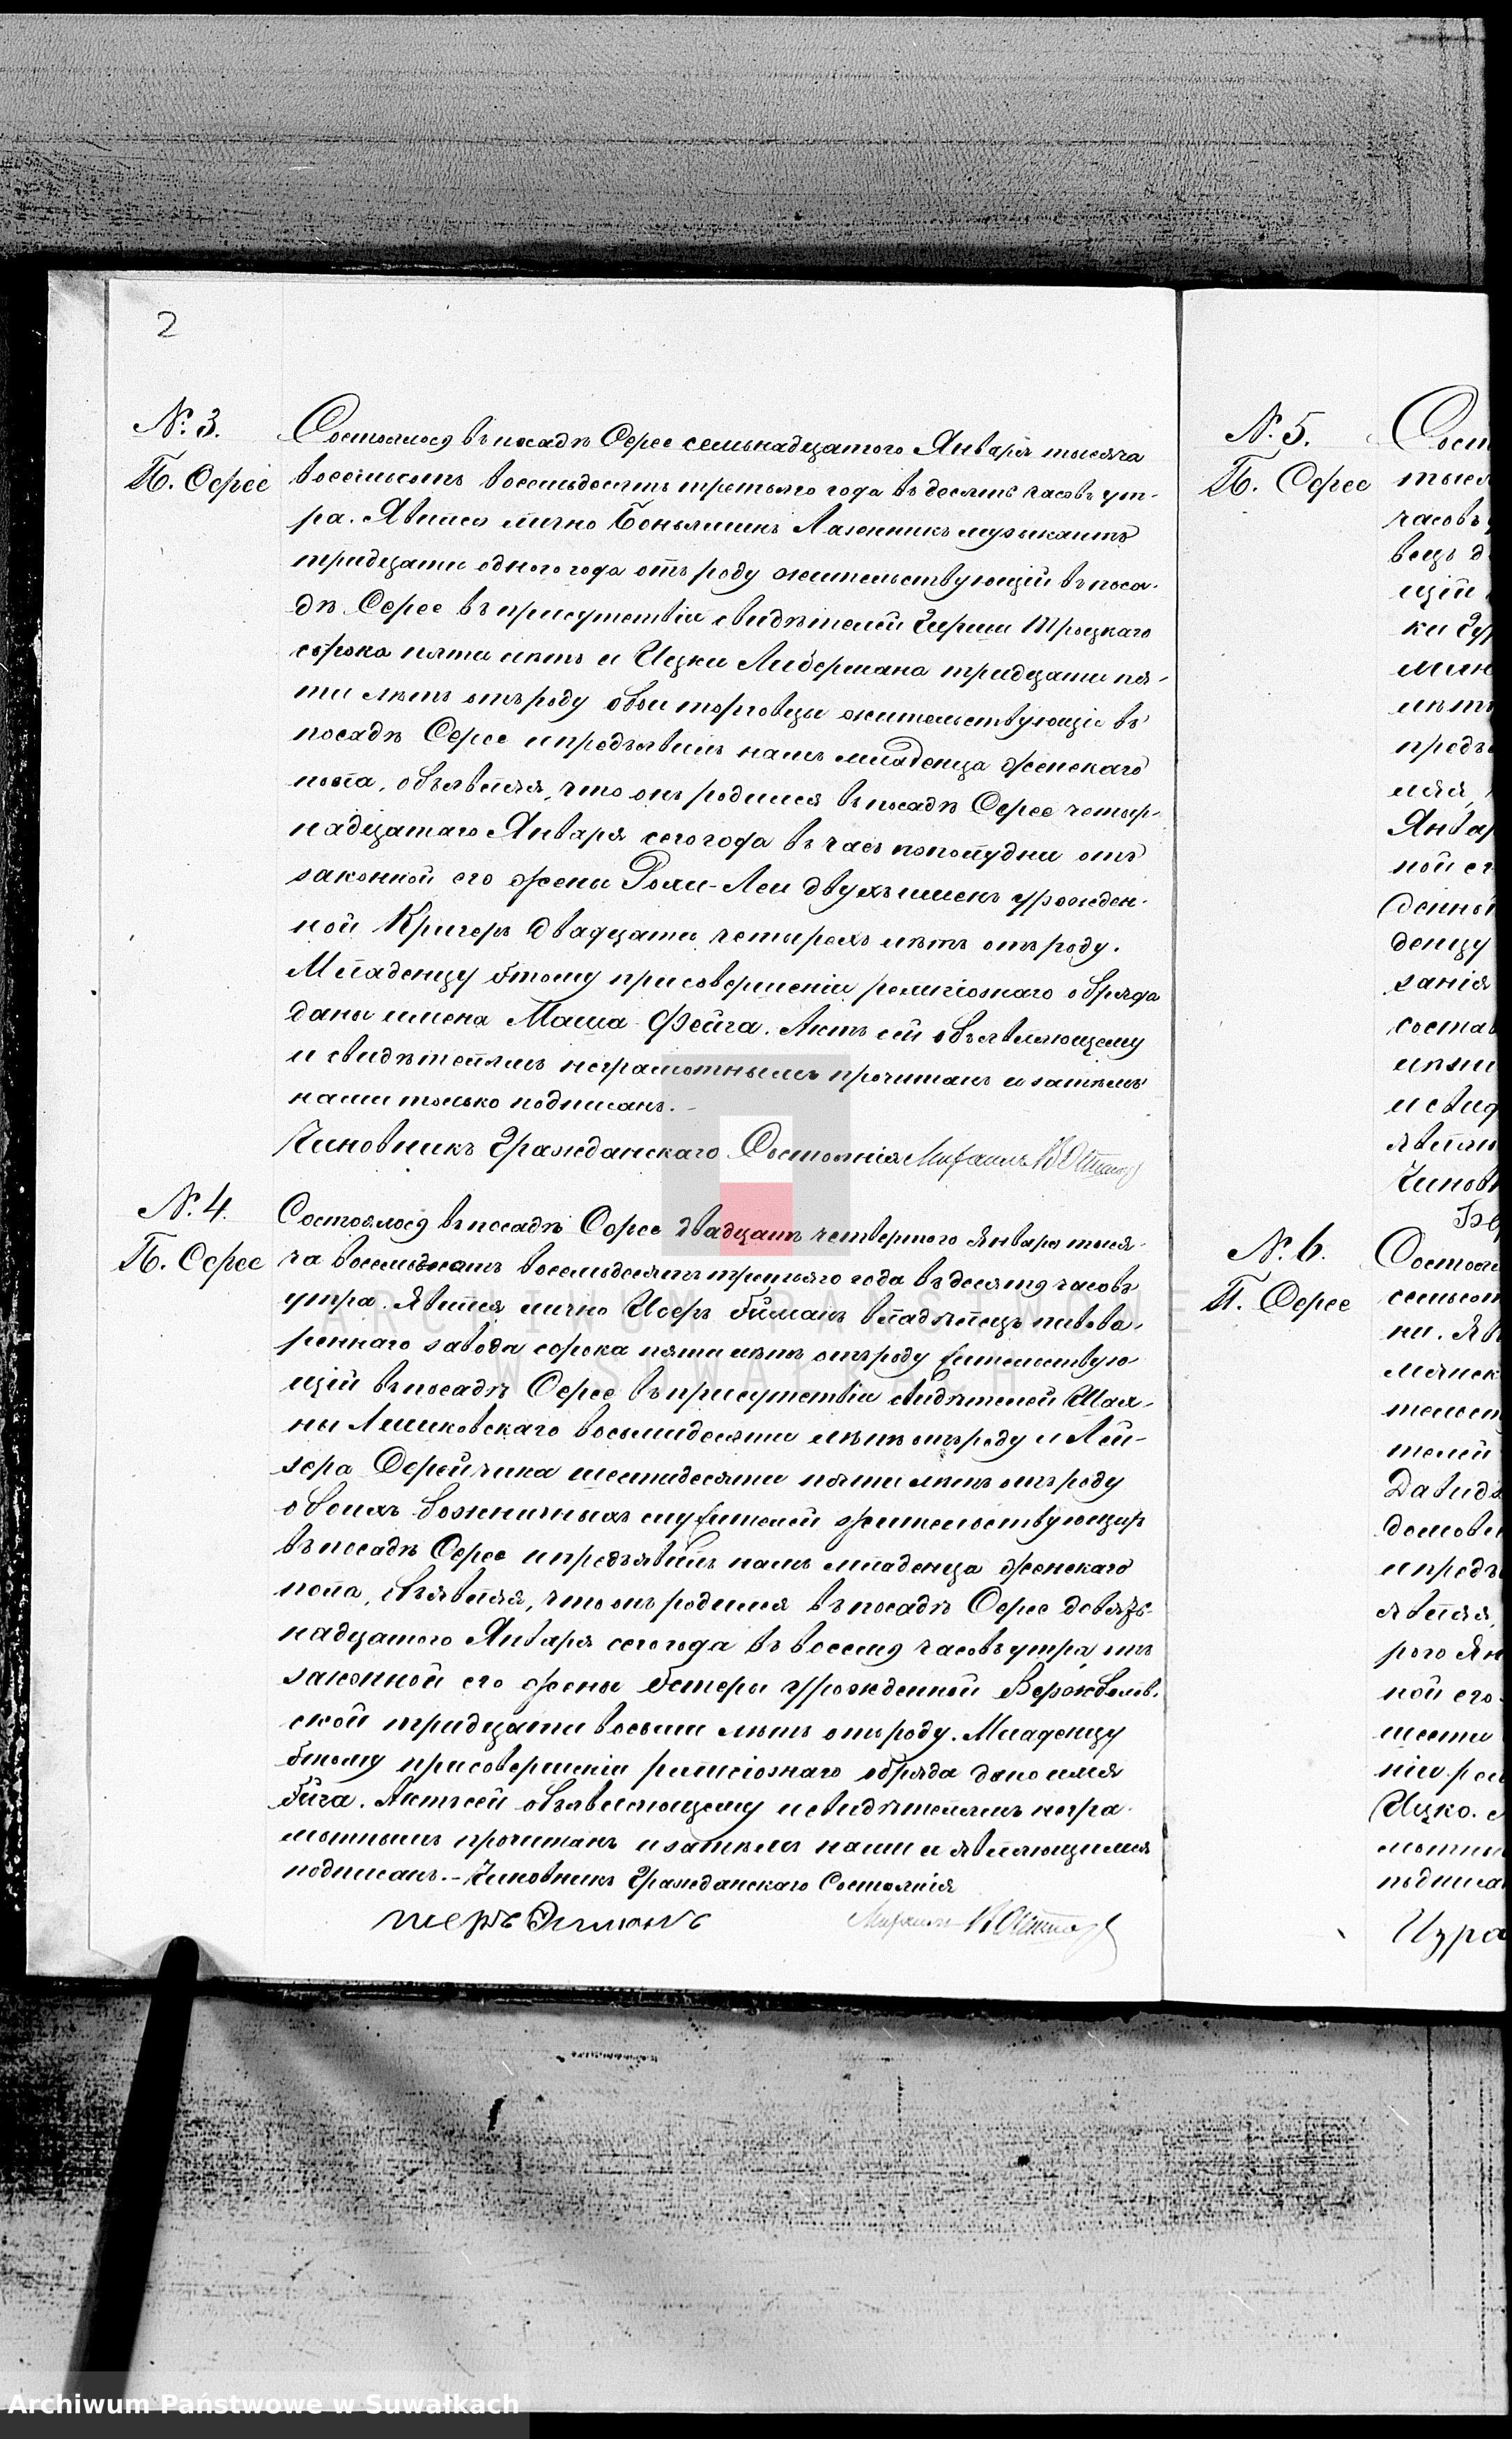 Skan z jednostki: Duplikat metričeskich aktov o roždeniu, brakosočemanii i umeršich Evrejach v Serejskom Evrejskom Okrug za 1883 god